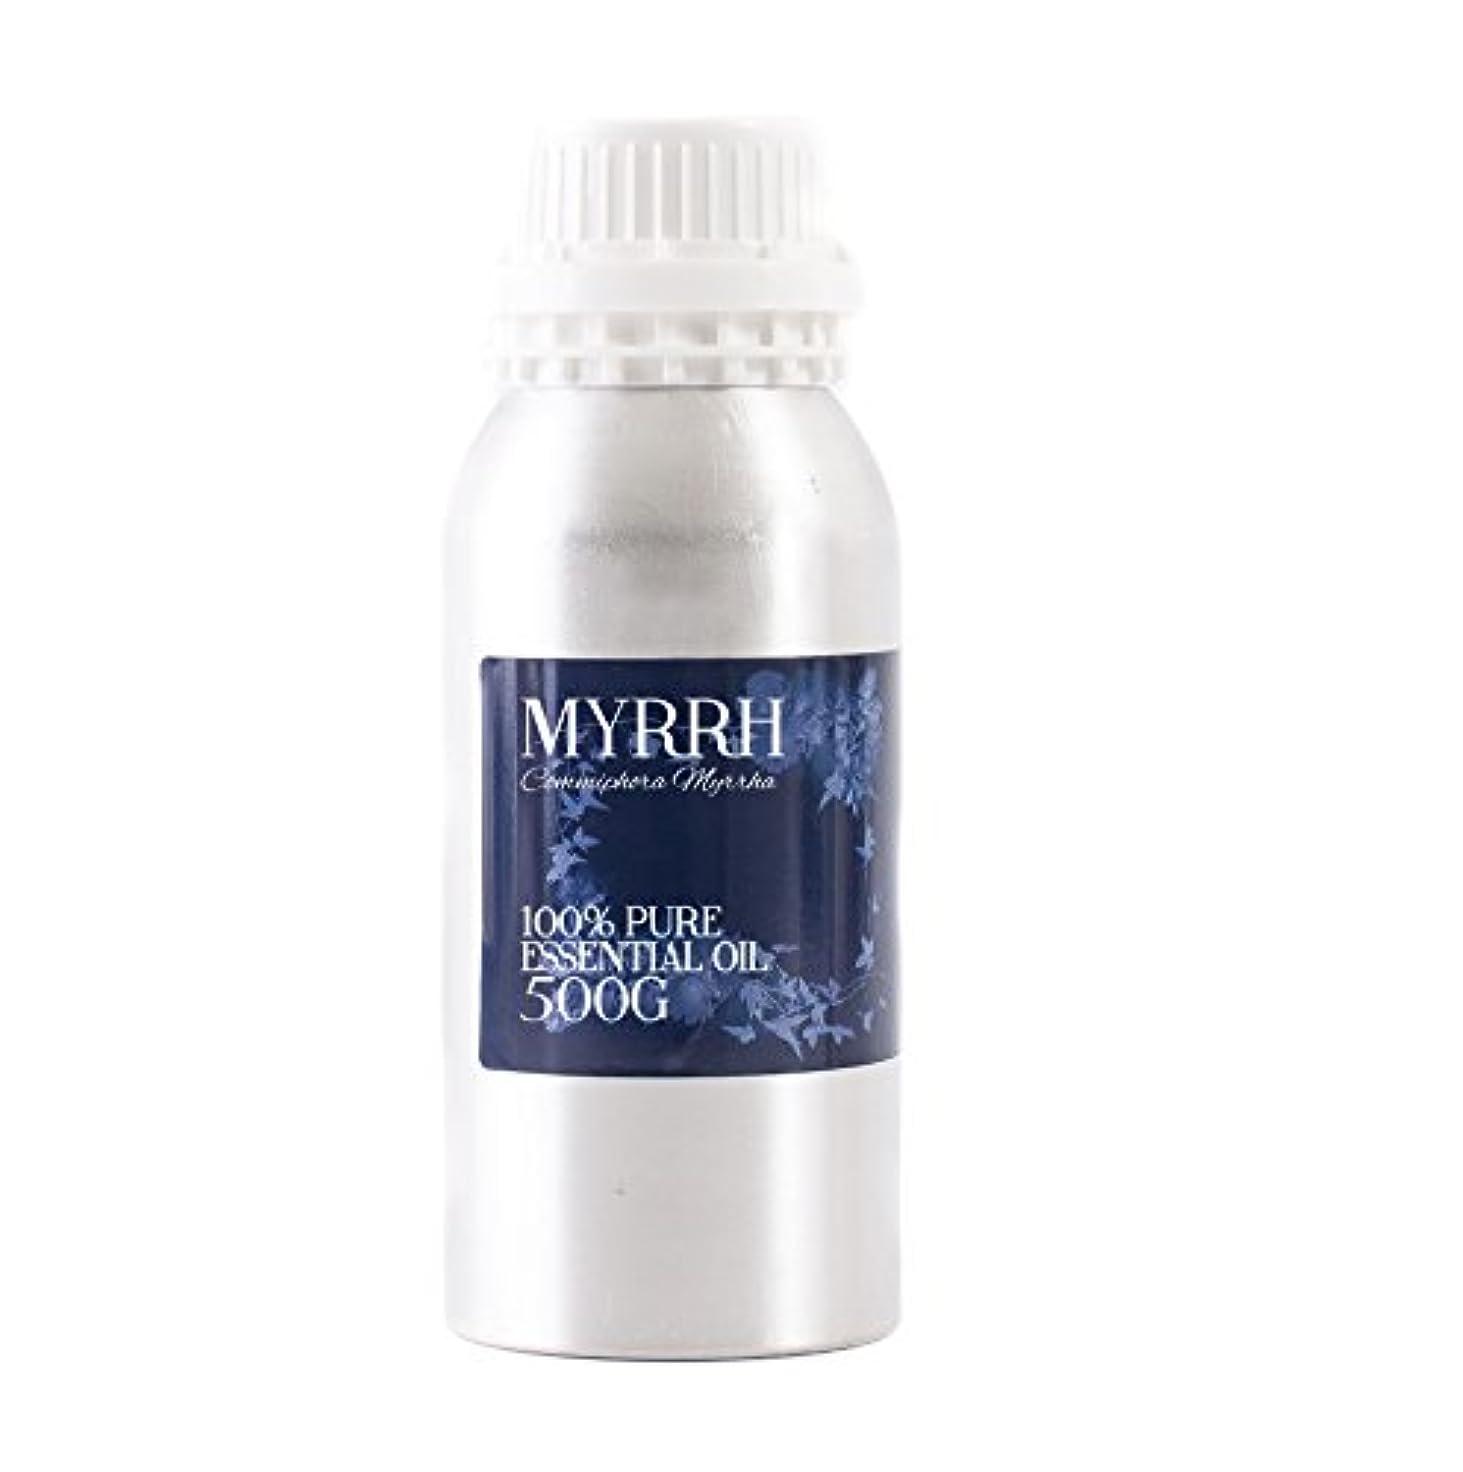 ピアースぬれたポータルMystic Moments | Myrrh Essential Oil - 500g - 100% Pure